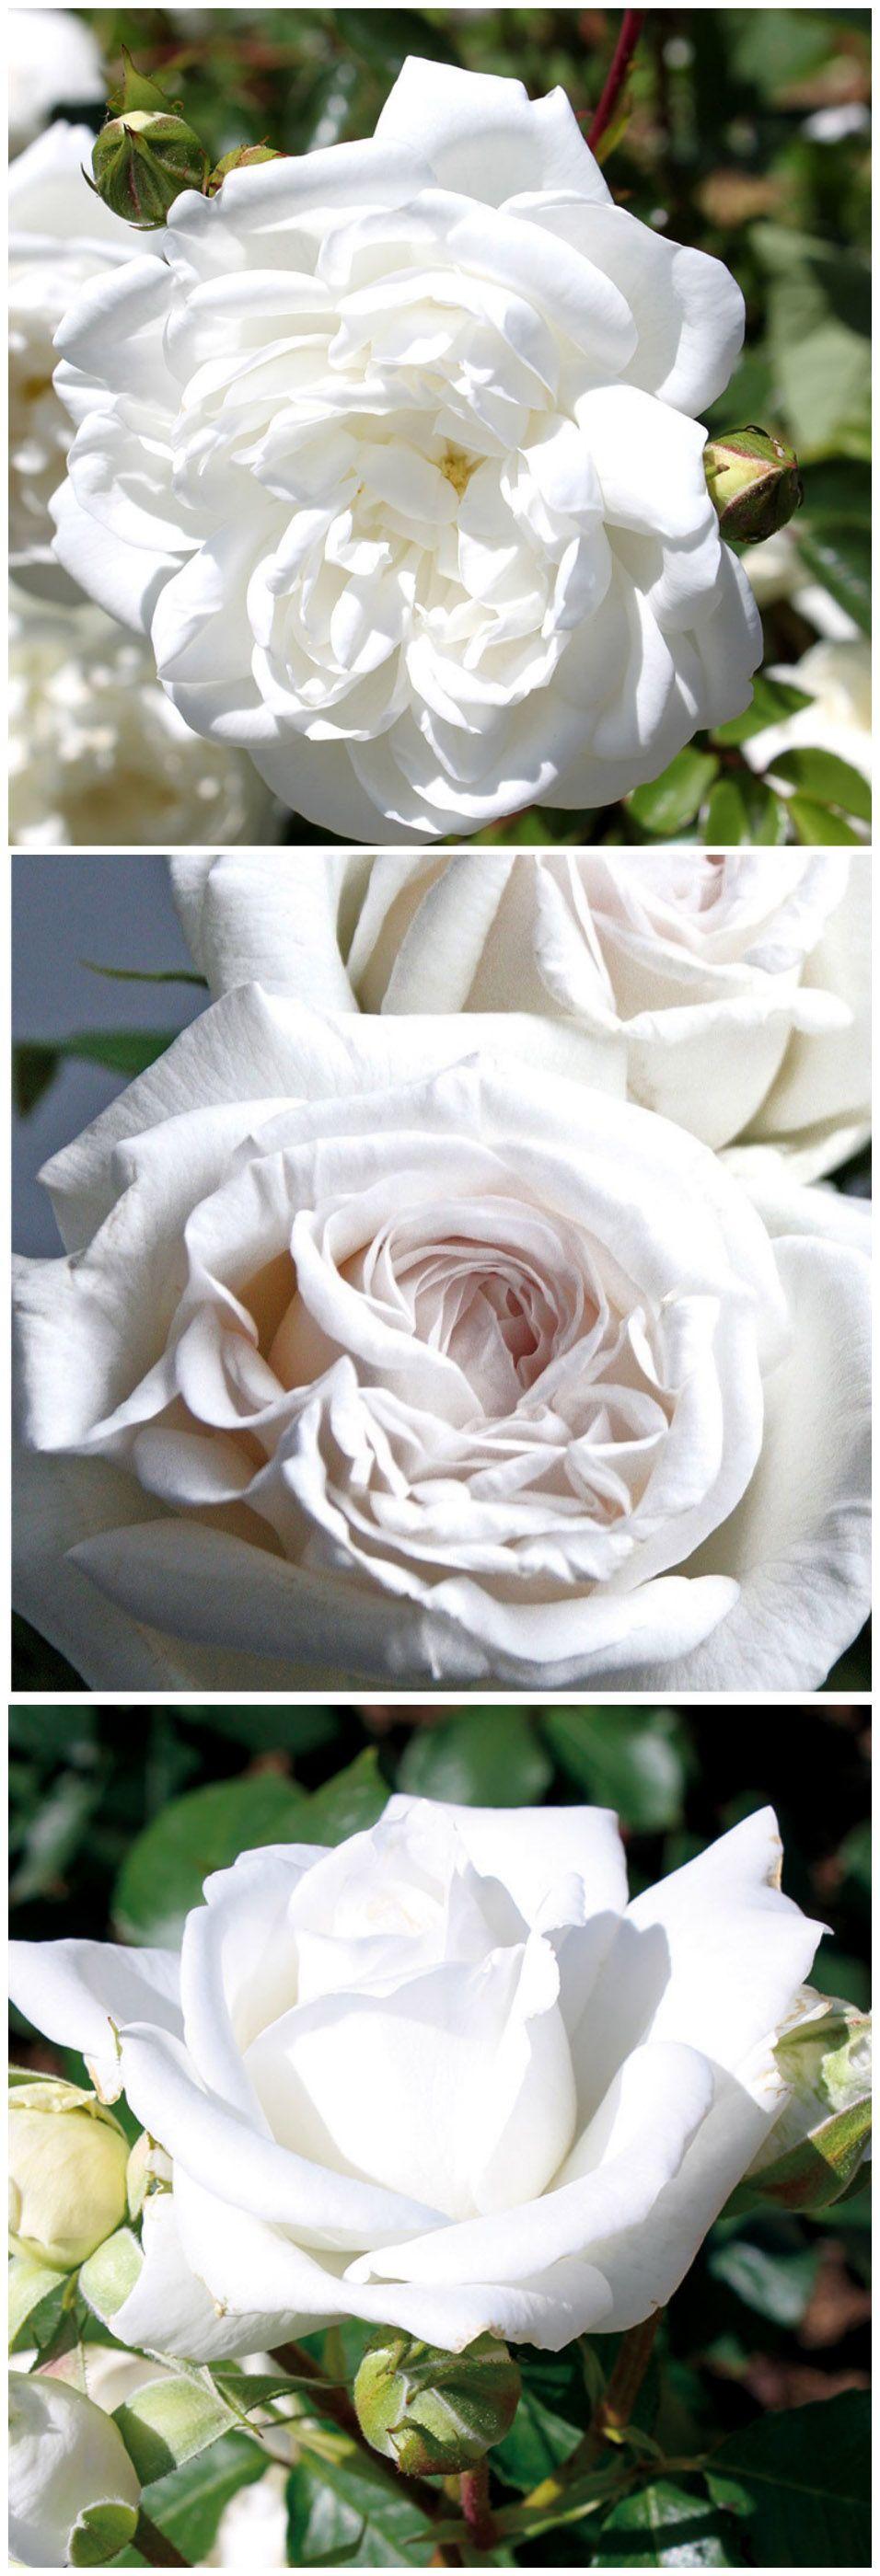 Rosen in Weiß - traumhaft schön und ein Symbol für Treue und Leidenschaft. Gefunden auf www.tom-garten.de